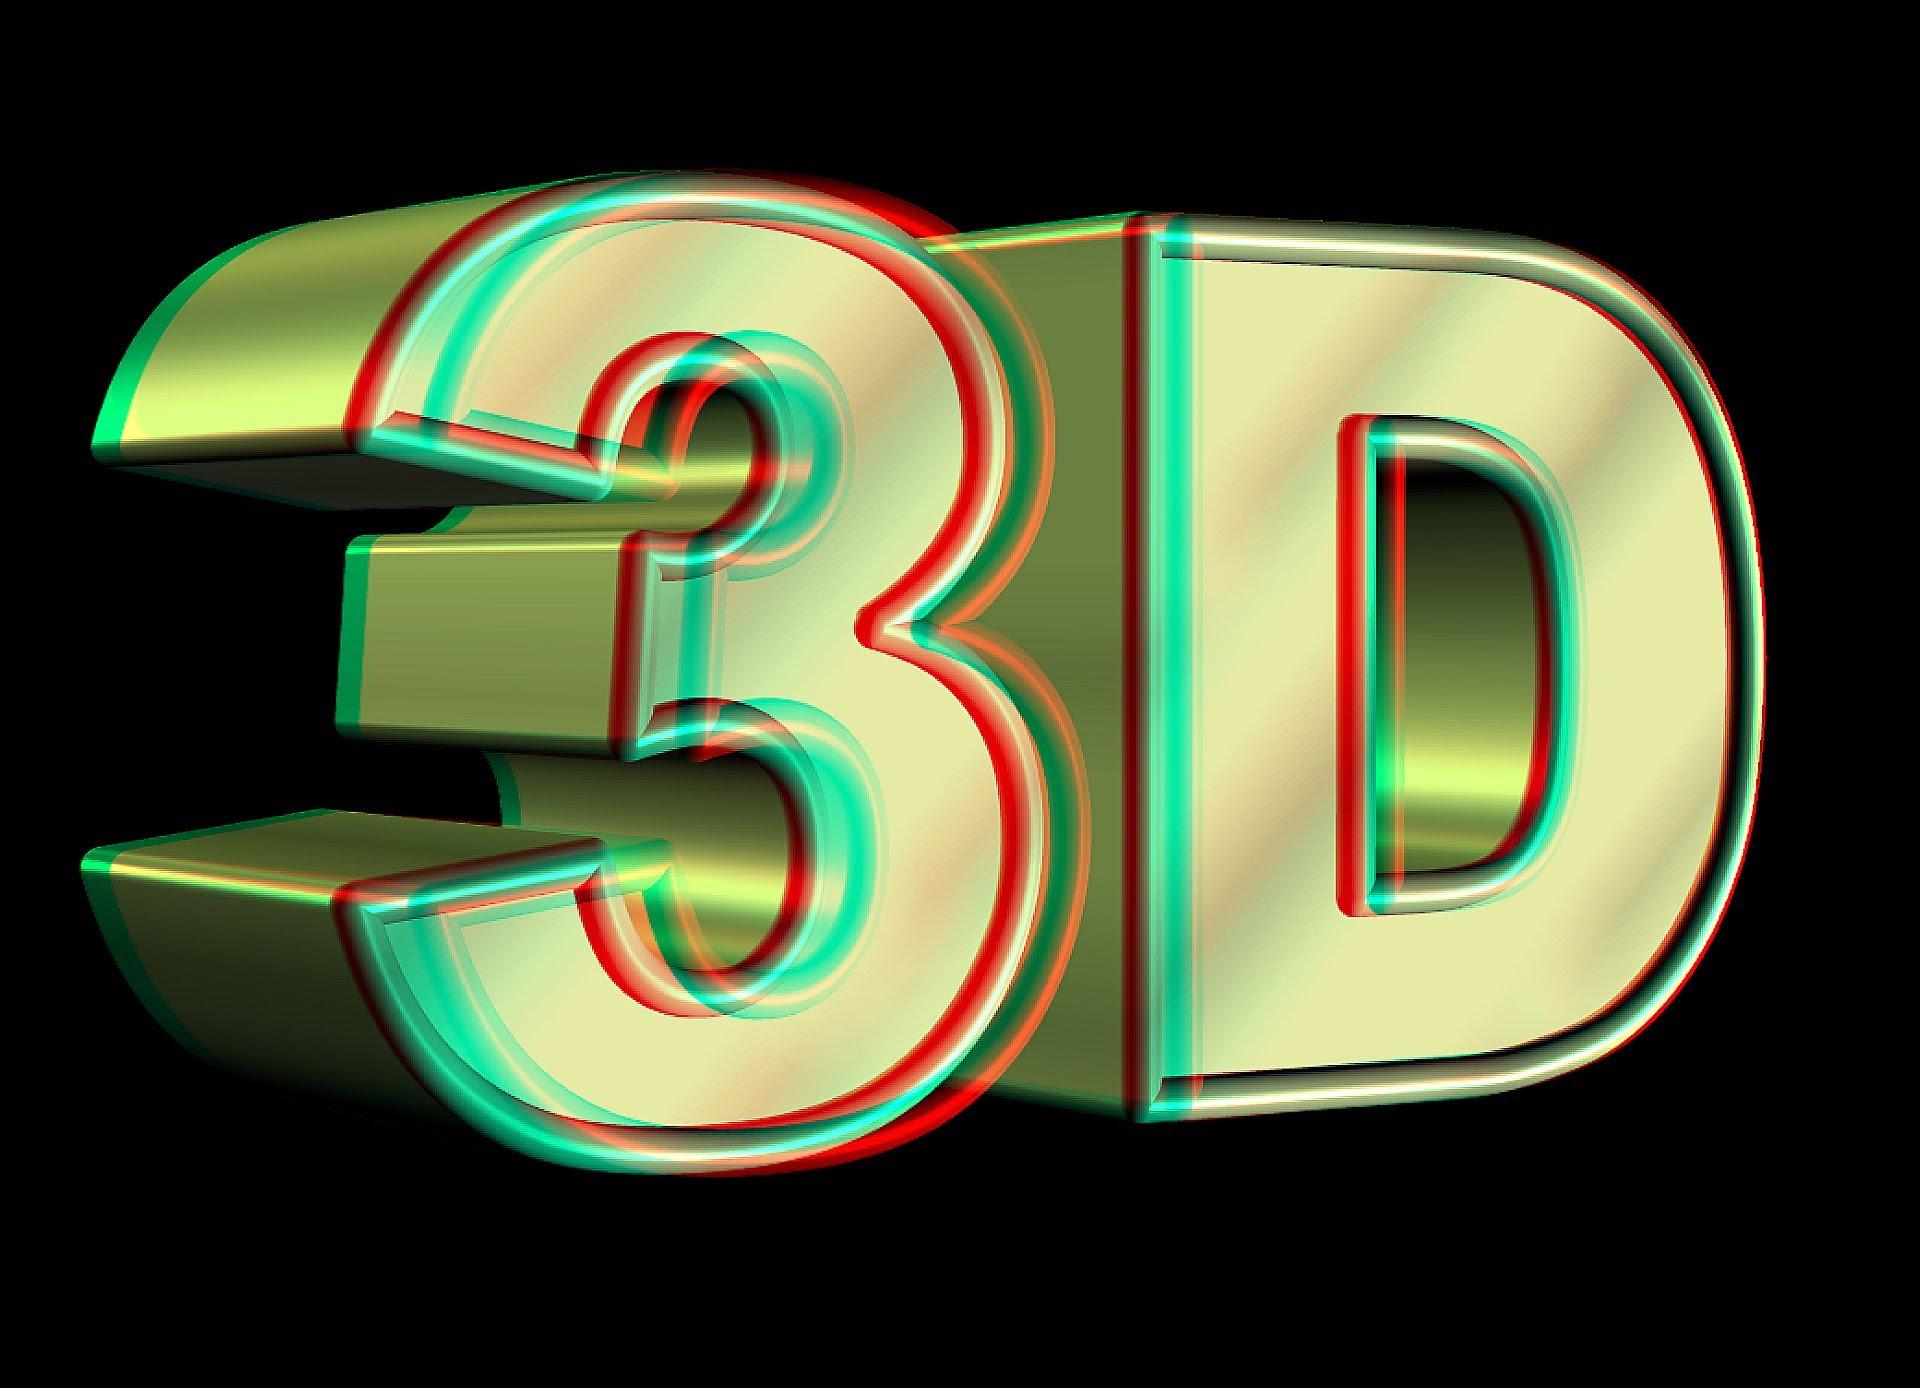 La 3D, c'est terminé sur nos TV, mais ne l'enterrez pas trop vite